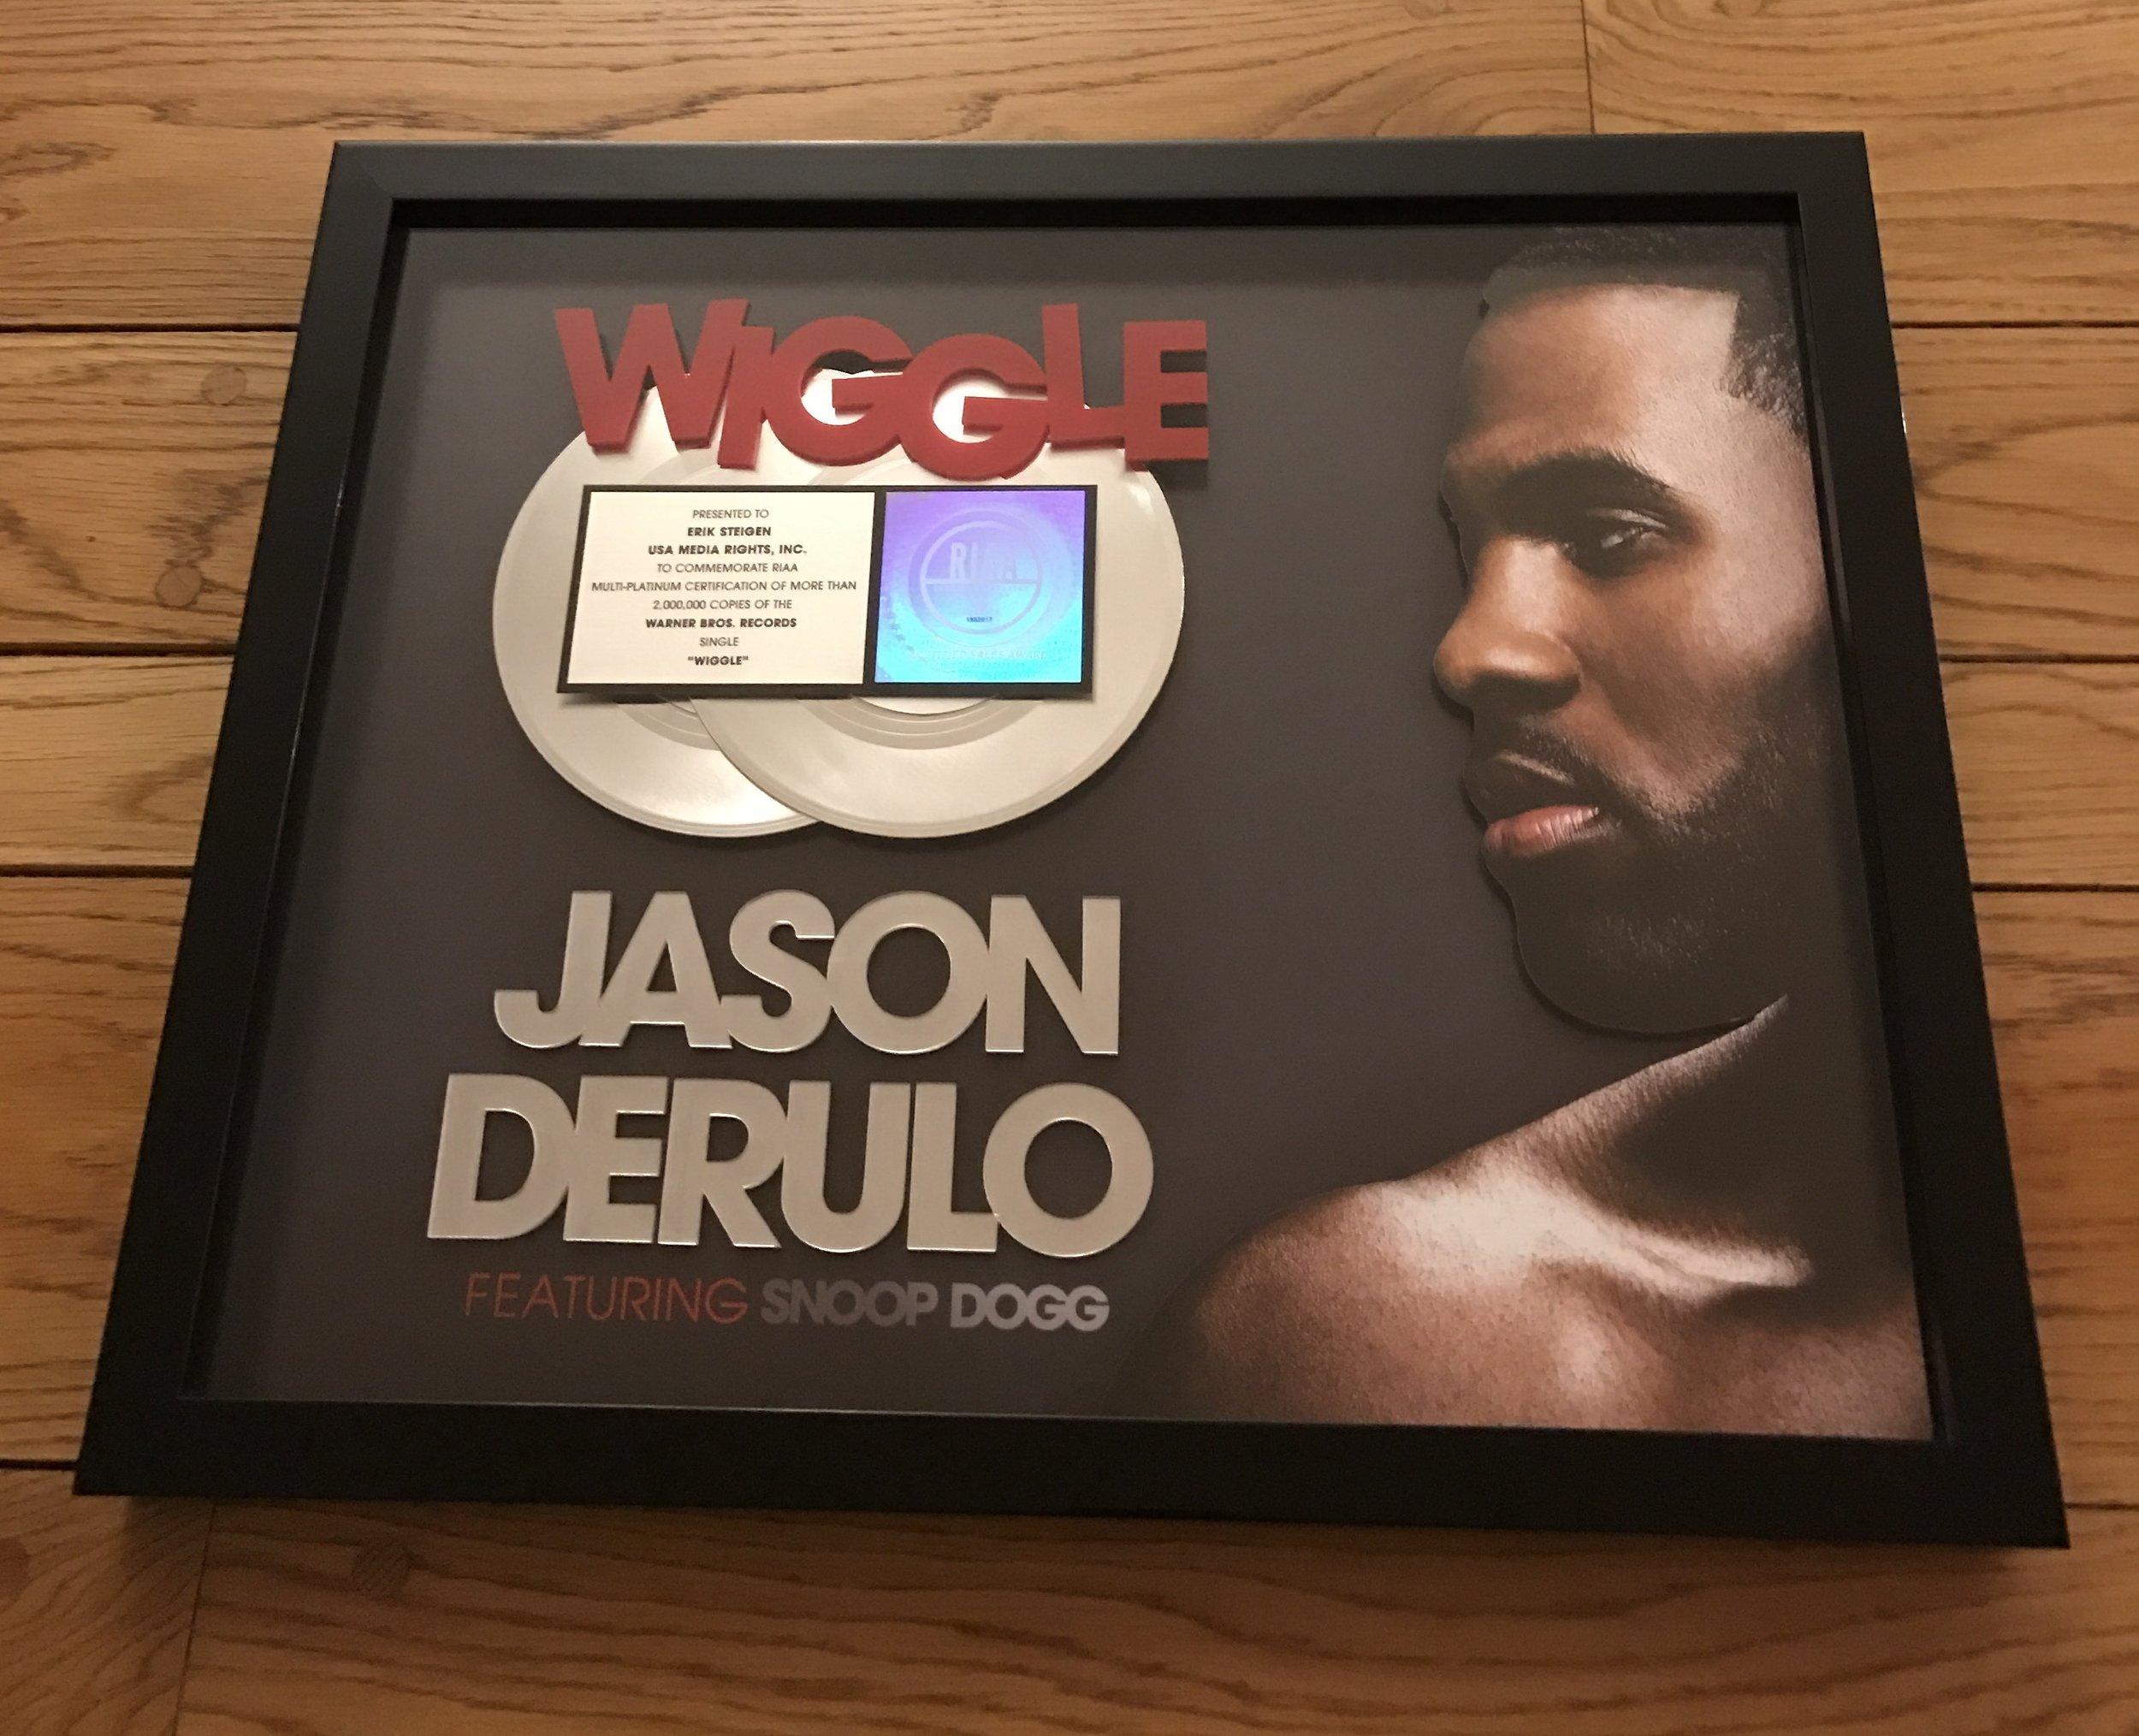 Jason Derulo Wiggle plaque.jpg